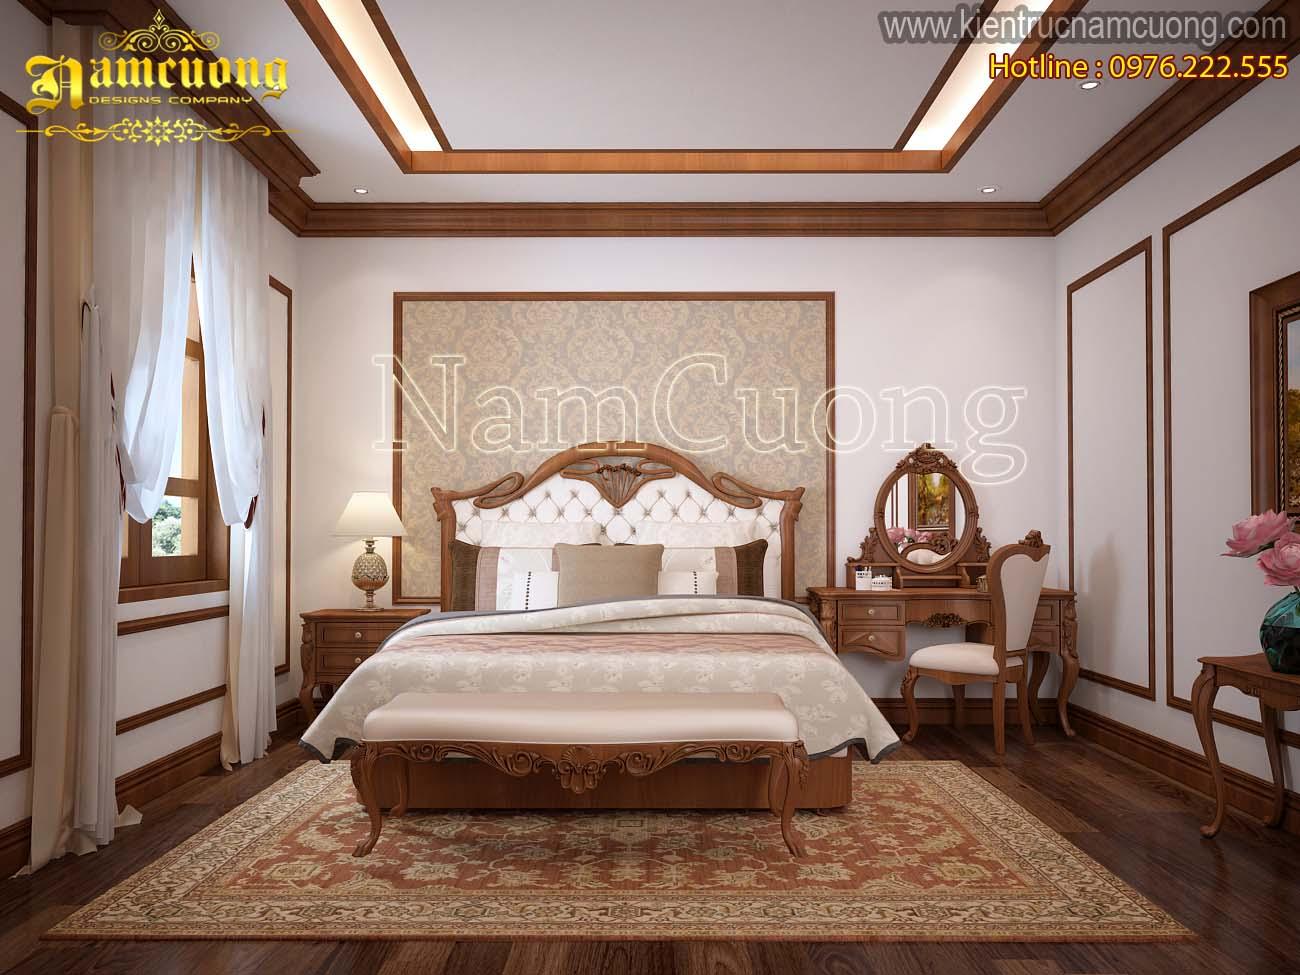 Mẫu thiết kế phòng ngủ biệt thự tân cổ điển tại Hà Nội - NTPNCD 074